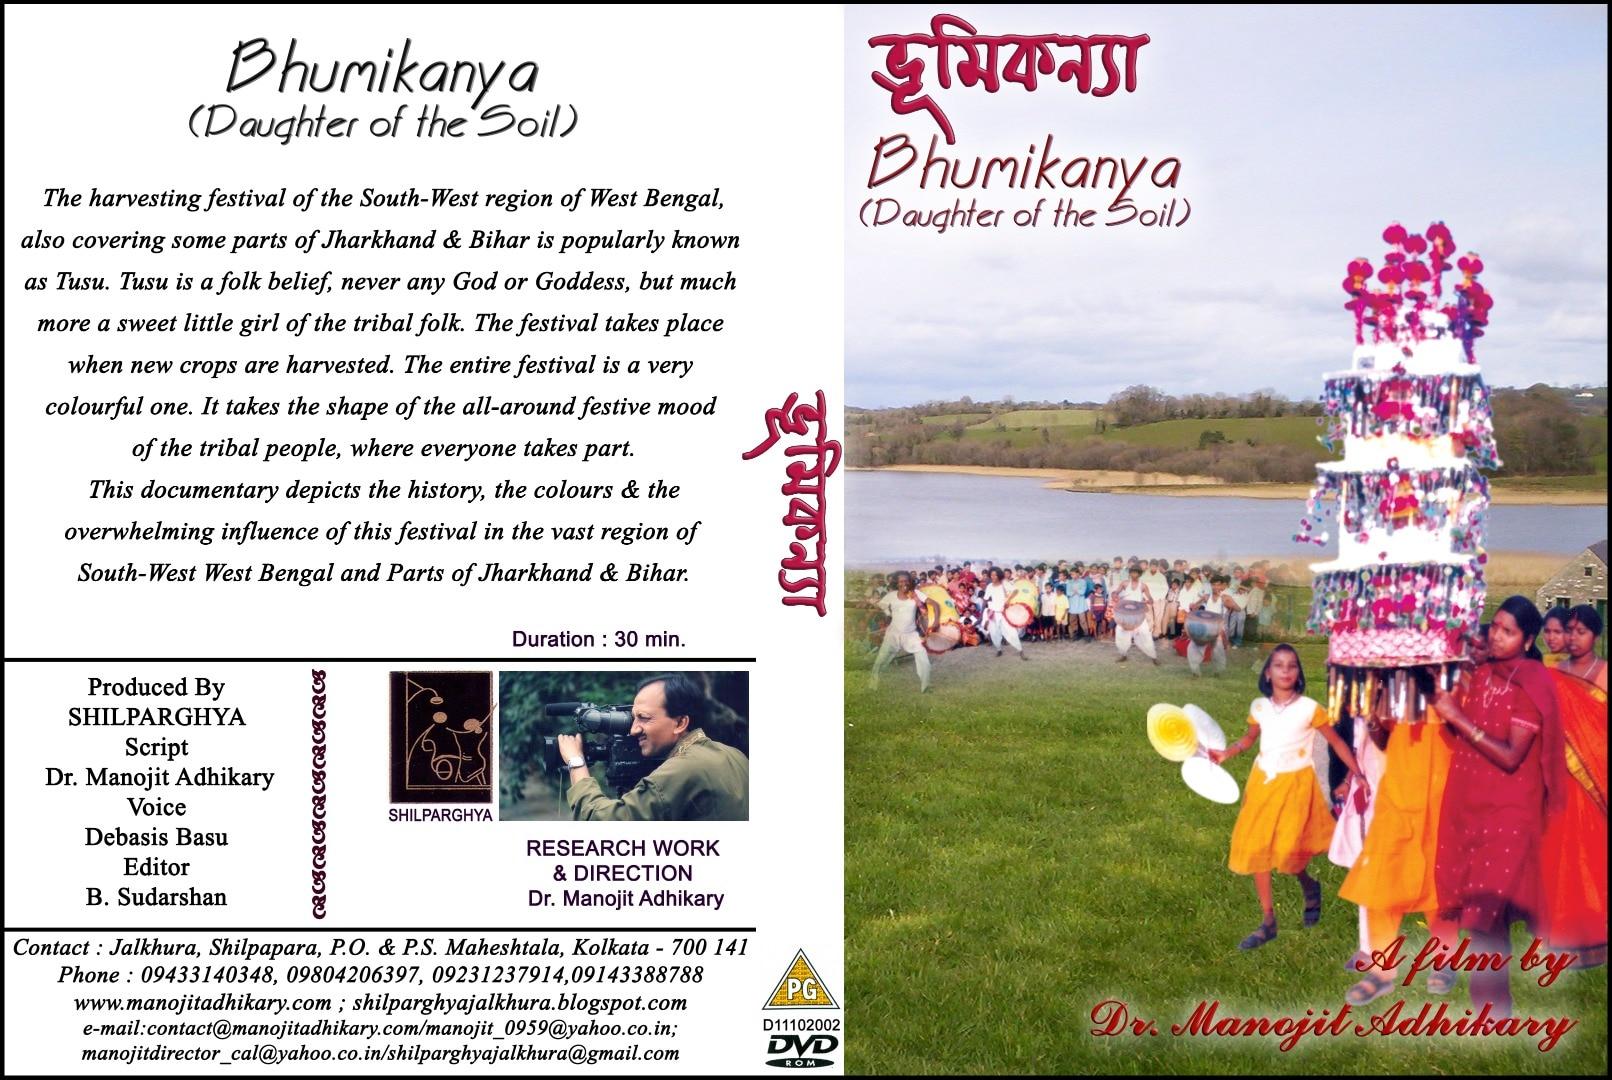 Manojit Adhikary